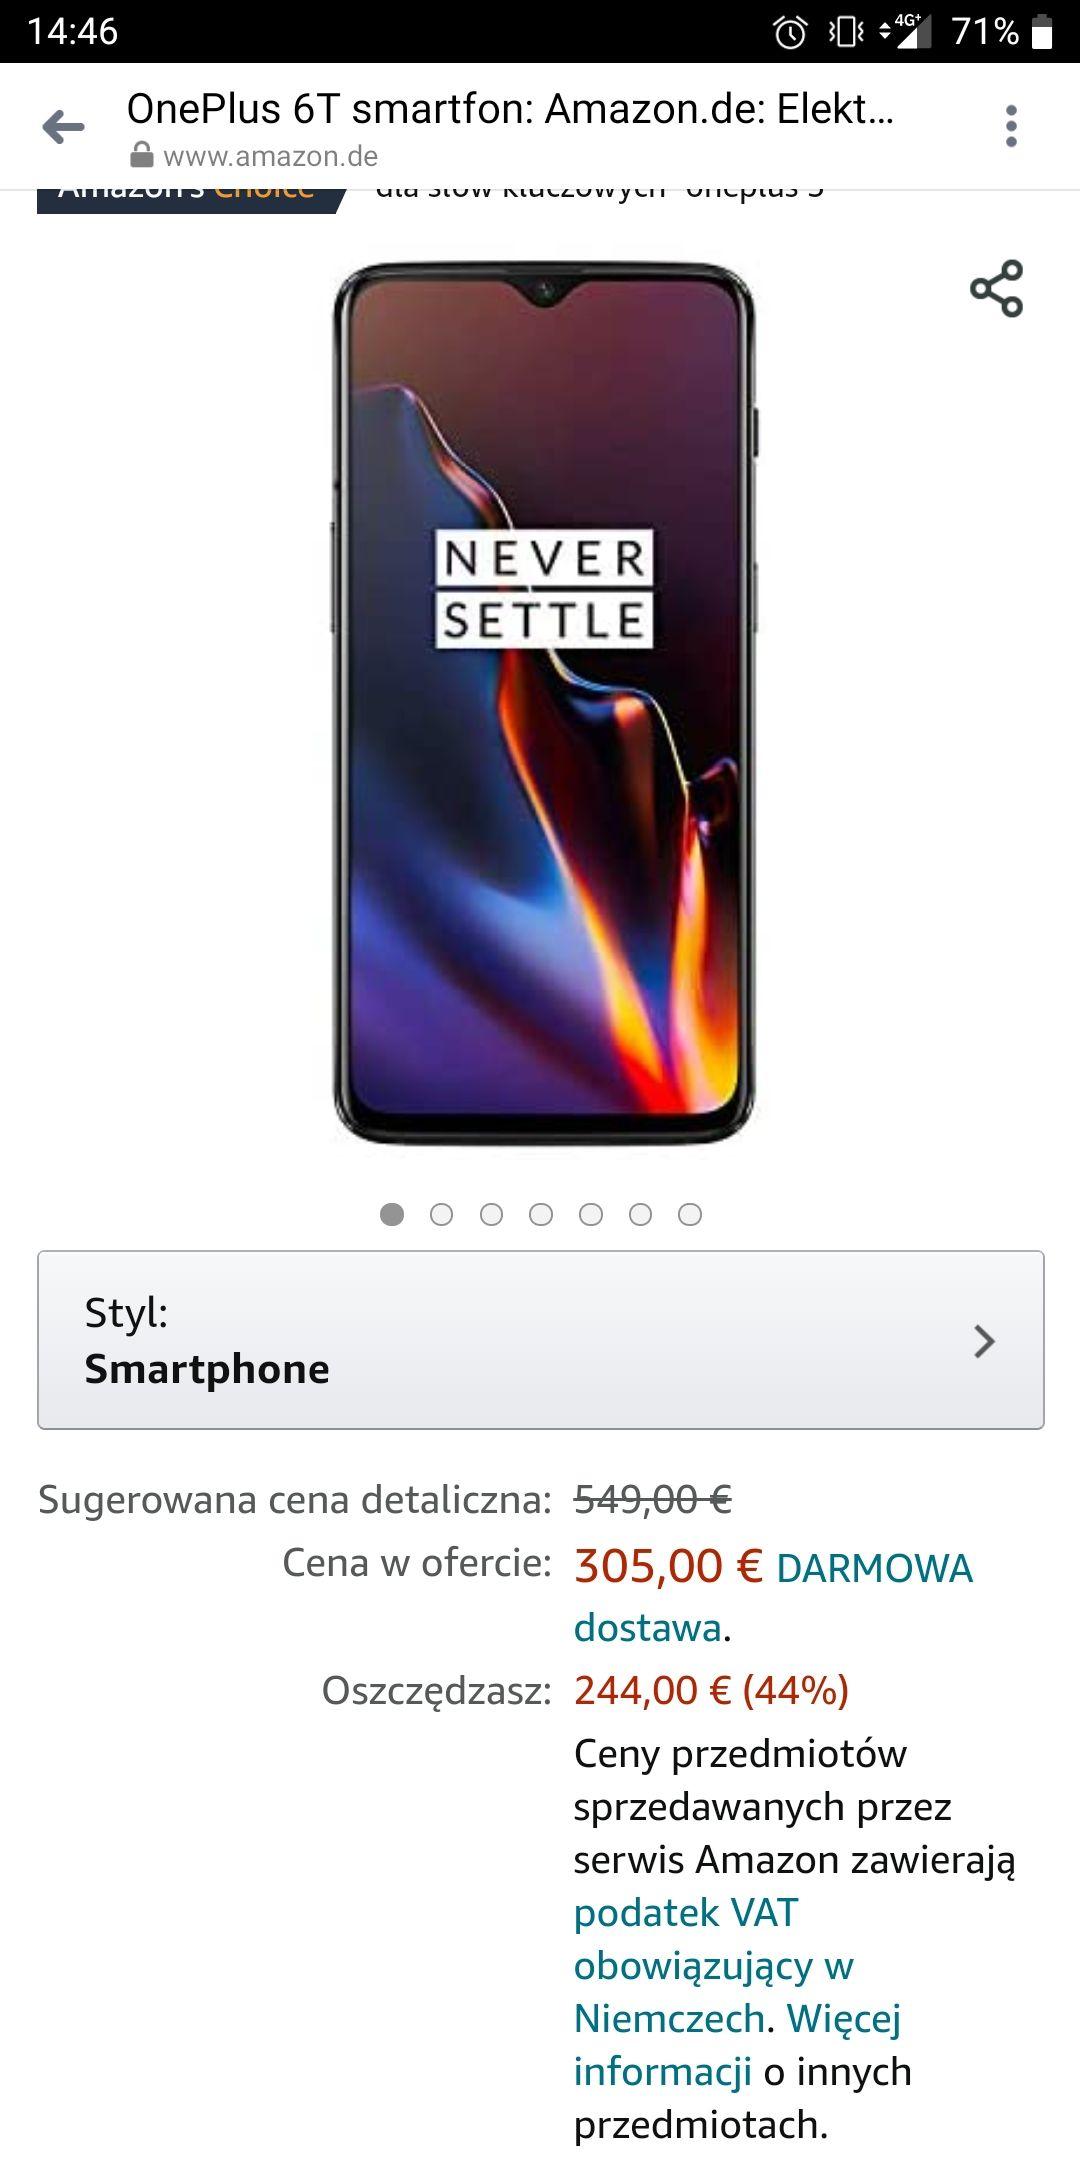 Smartfon OnePlus 6T w dobrej cenie od Amazon, 323,40 €